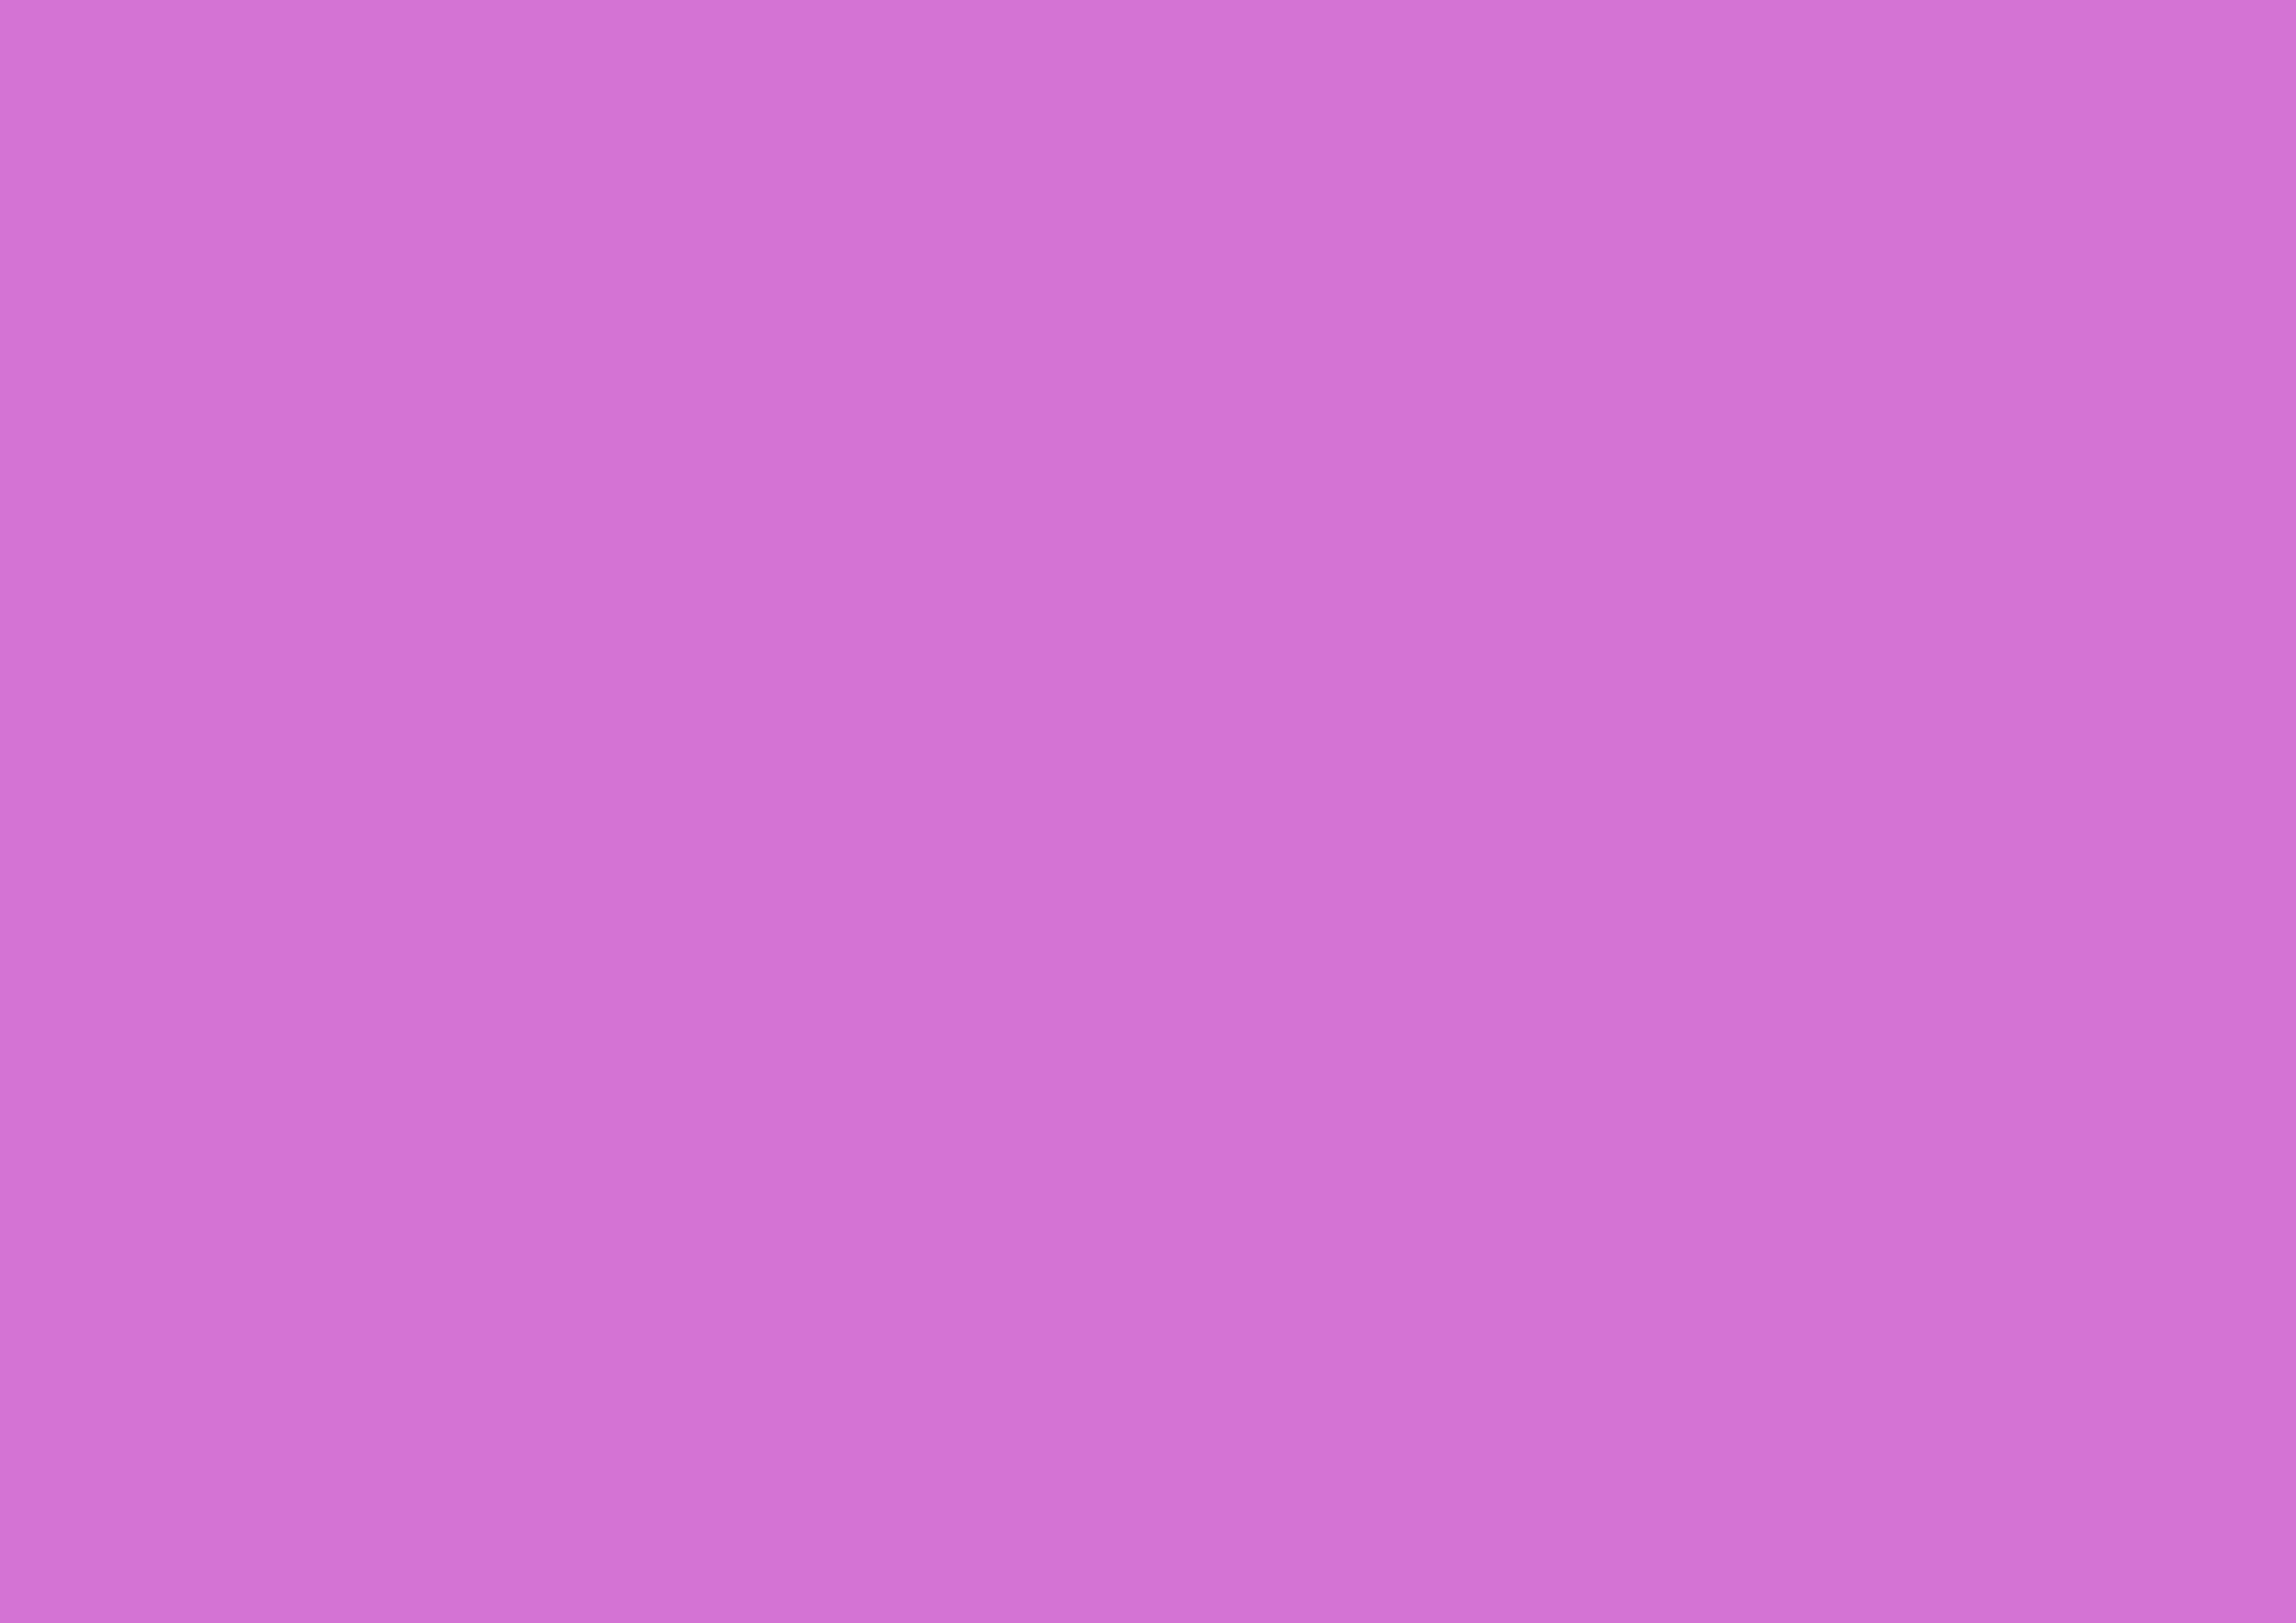 3508x2480 Deep Mauve Solid Color Background